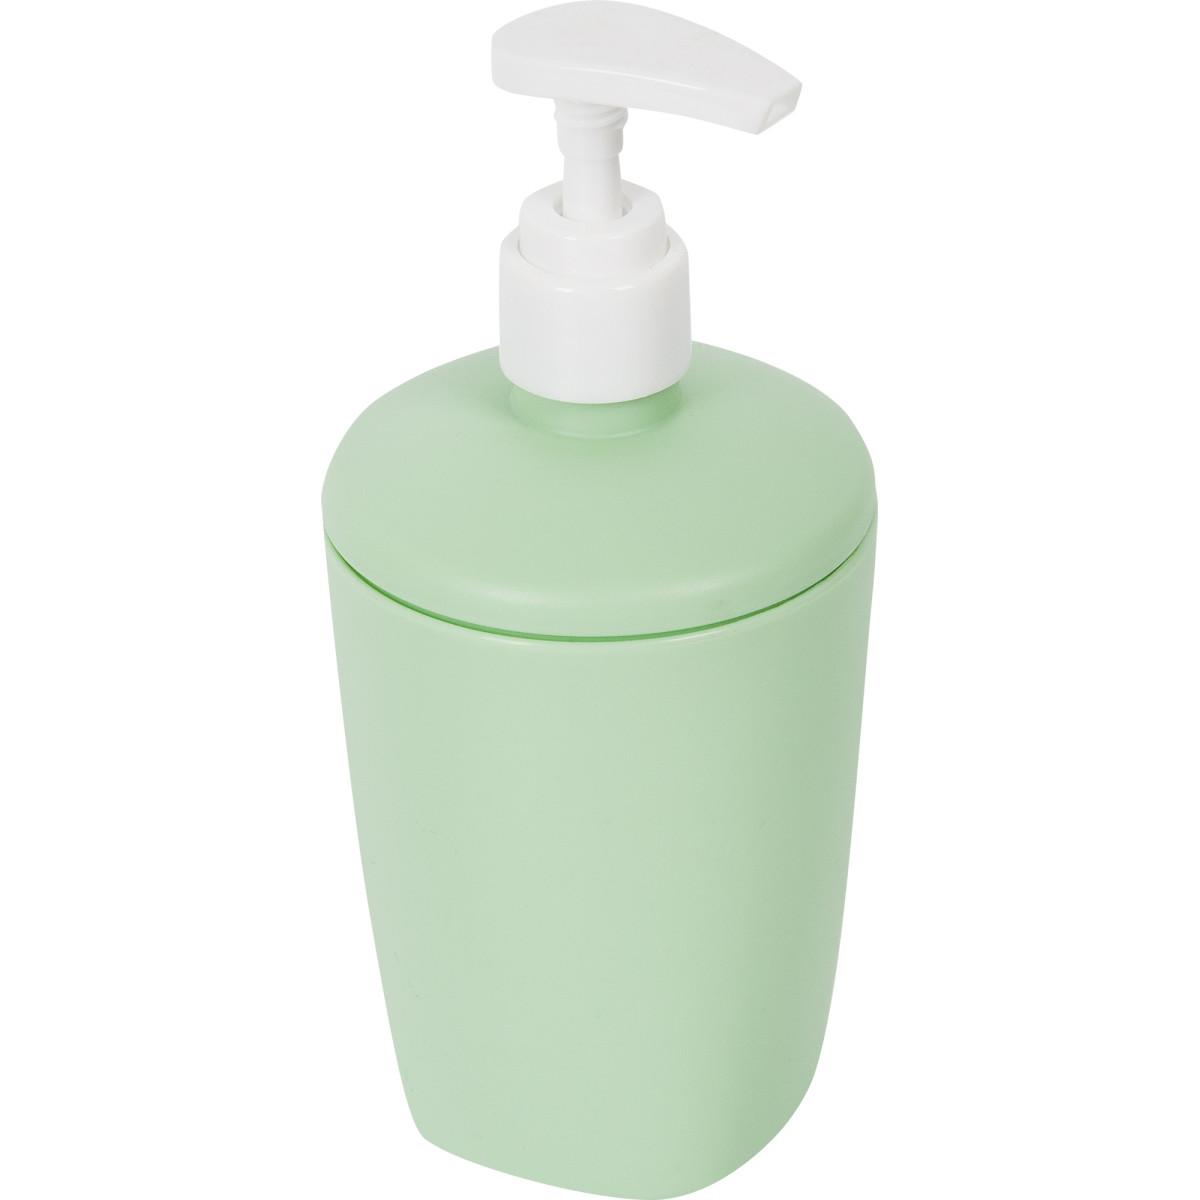 Диспенсер для жидкого мыла Aqua цвет зеленый